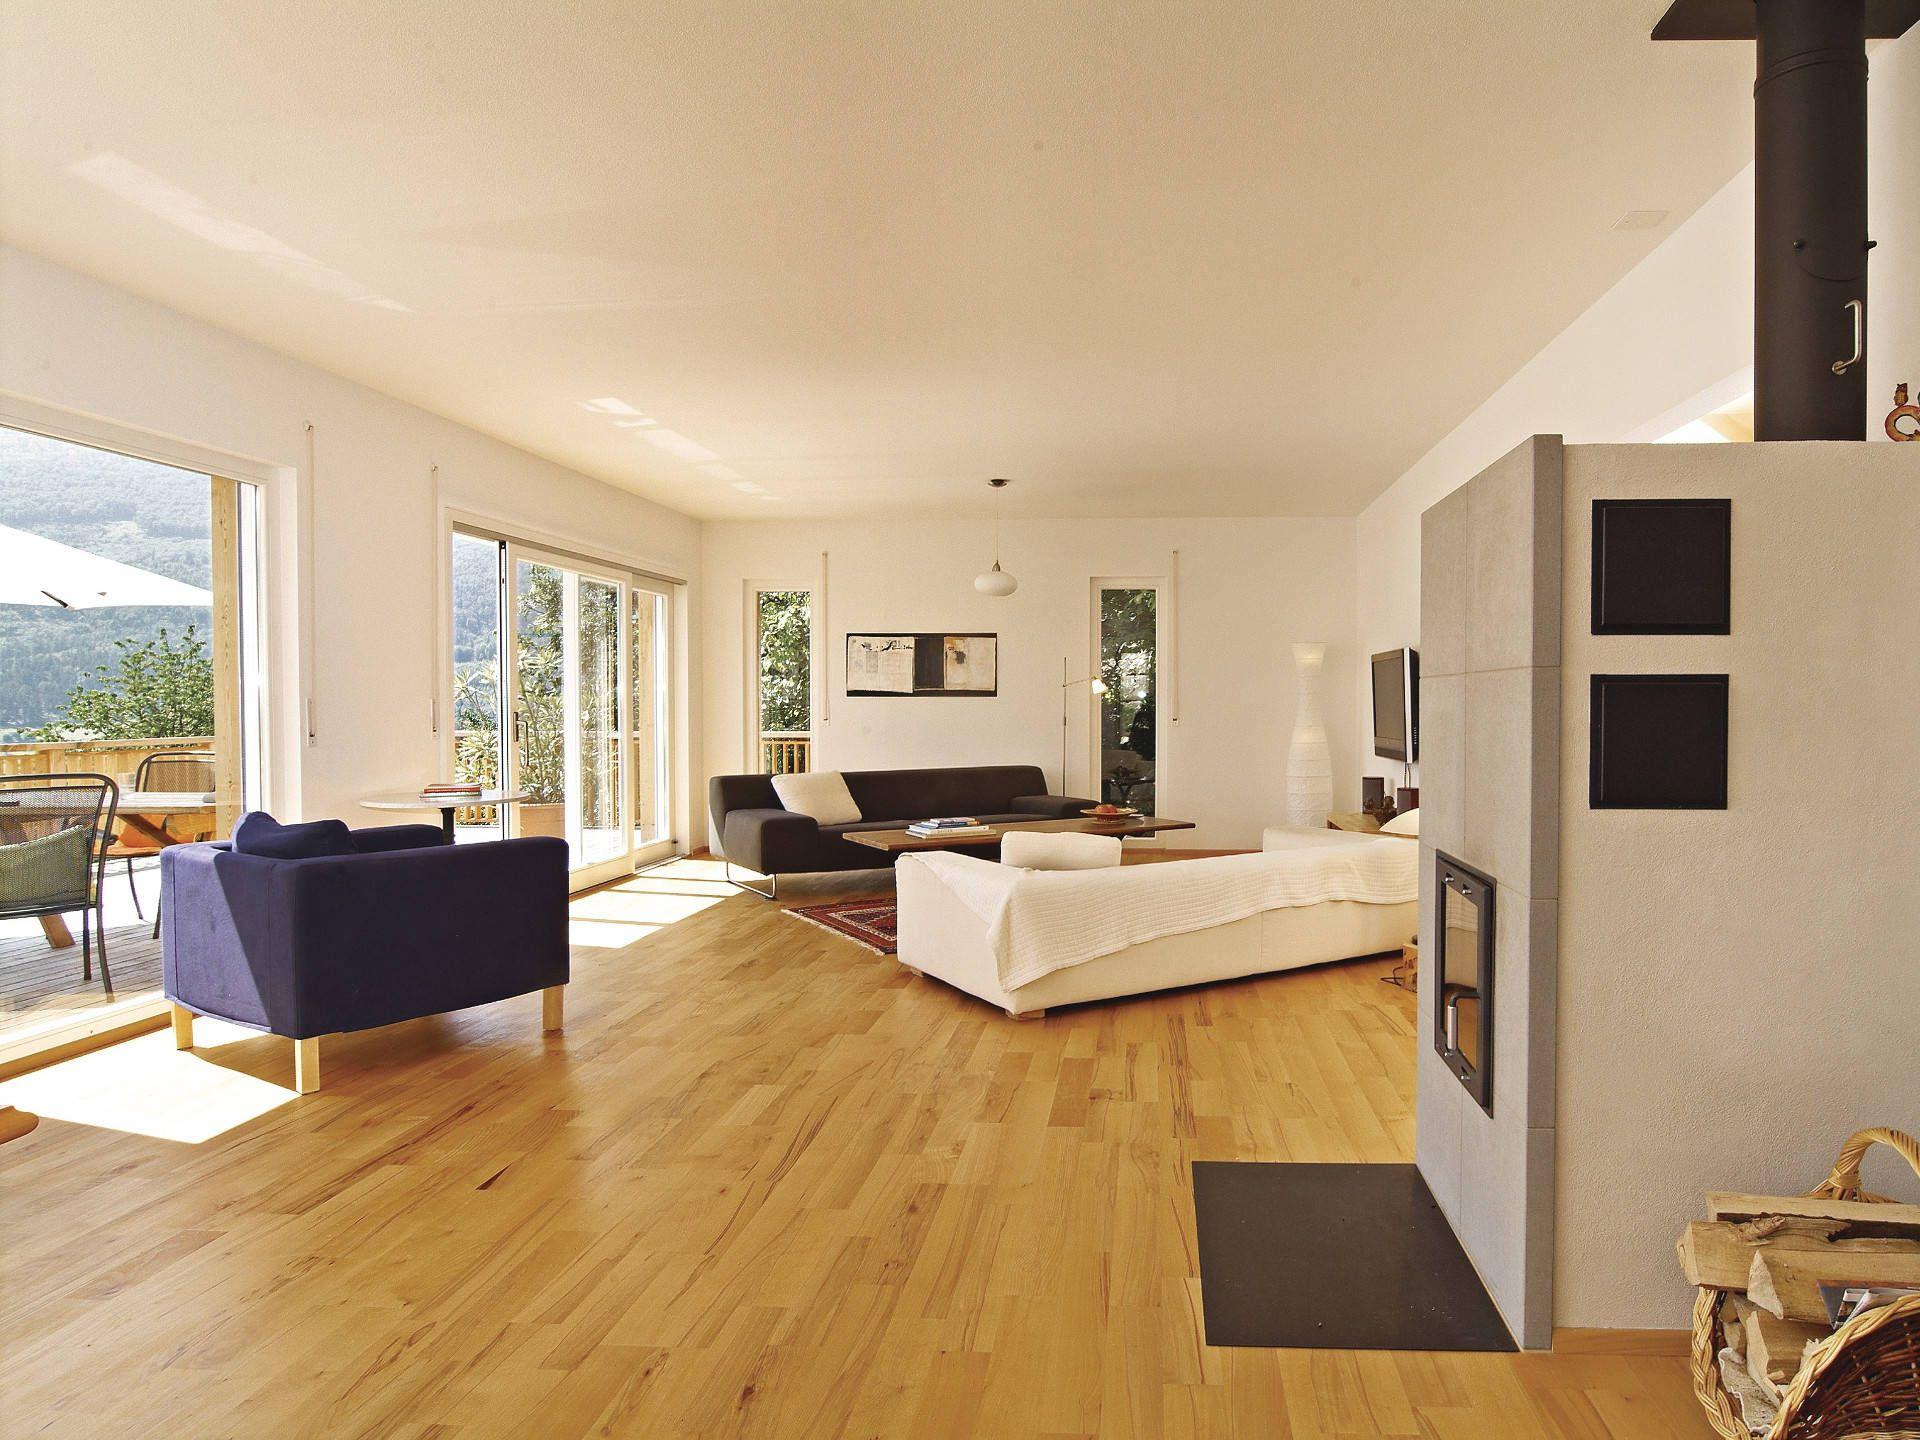 kamin im haus balance 300 von weberhaus • mit musterhaus, Wohnzimmer dekoo